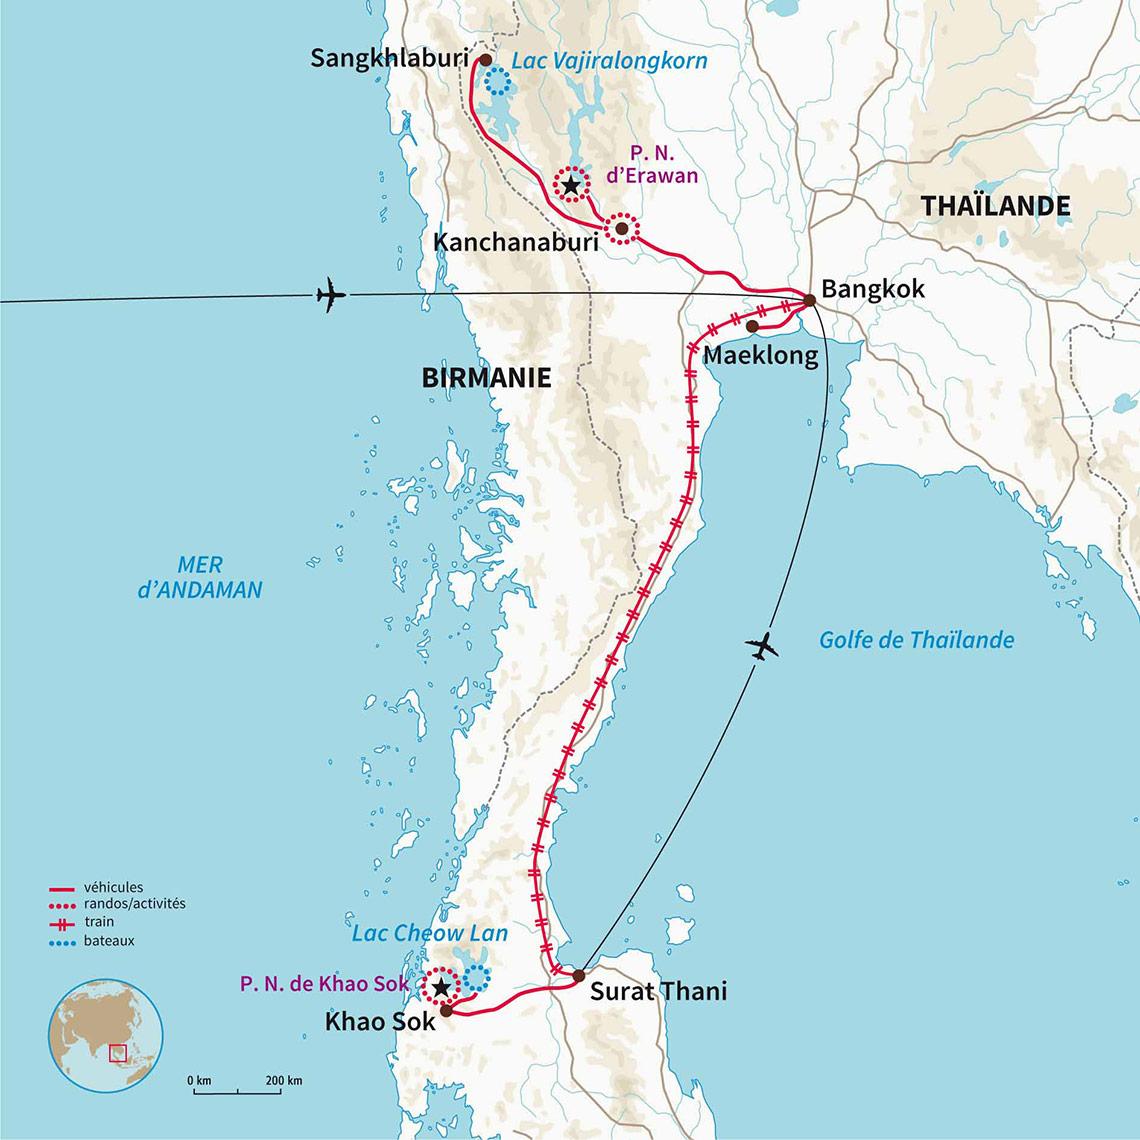 Carte Randonnee Thailande.Randonnee Aventure Thailande Escapade Au Royaume De Siam